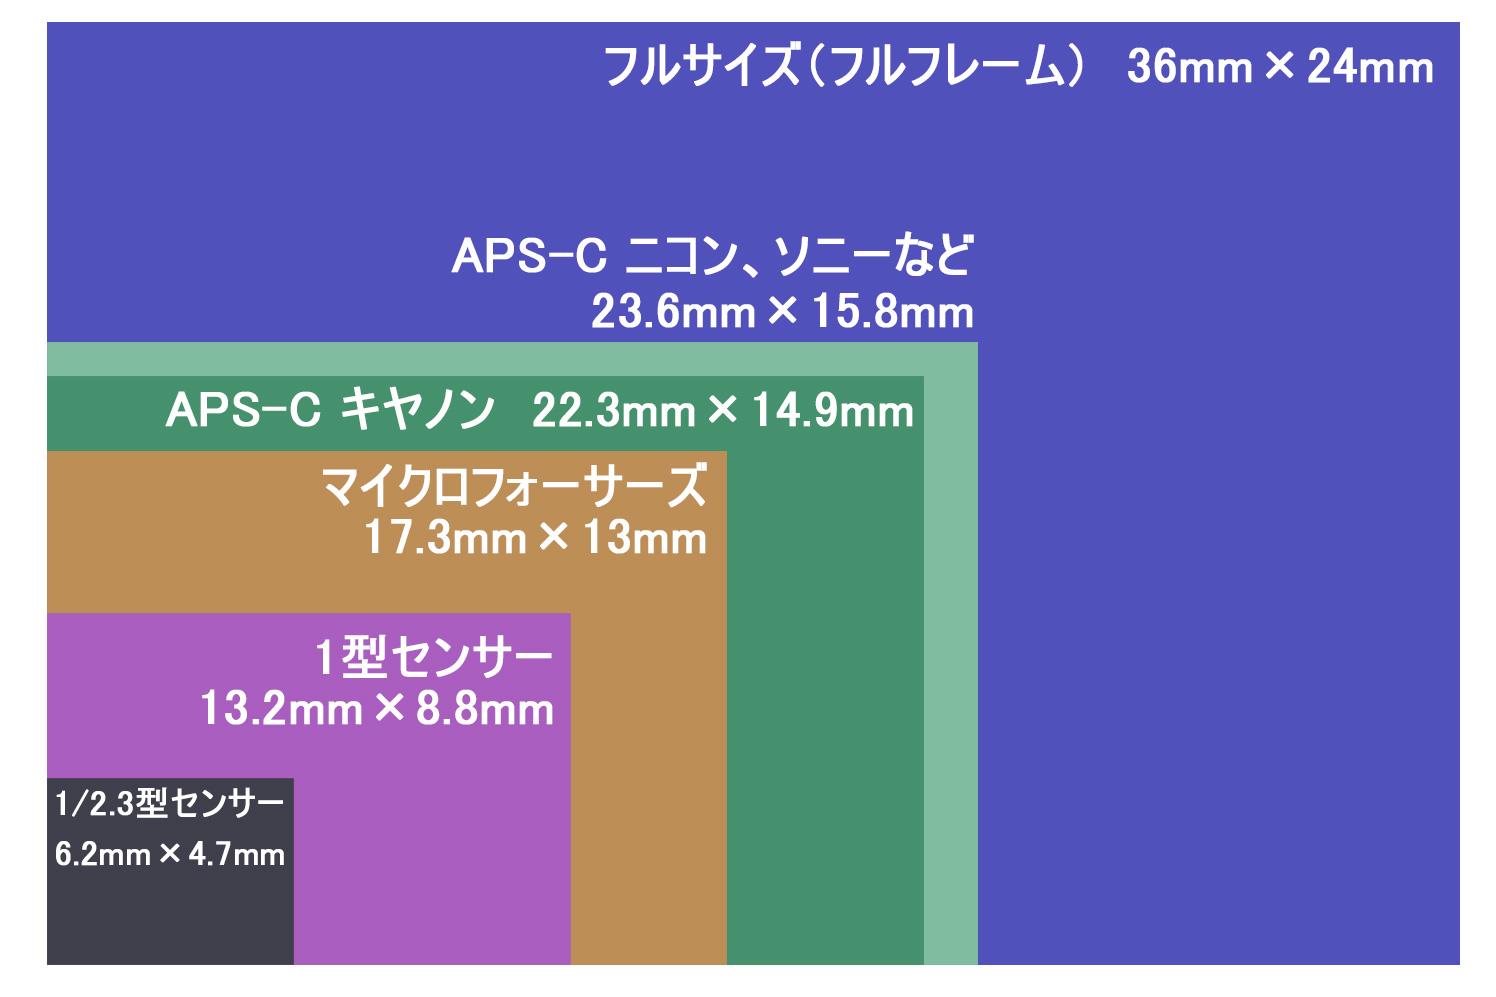 各センサーサイズの比較図